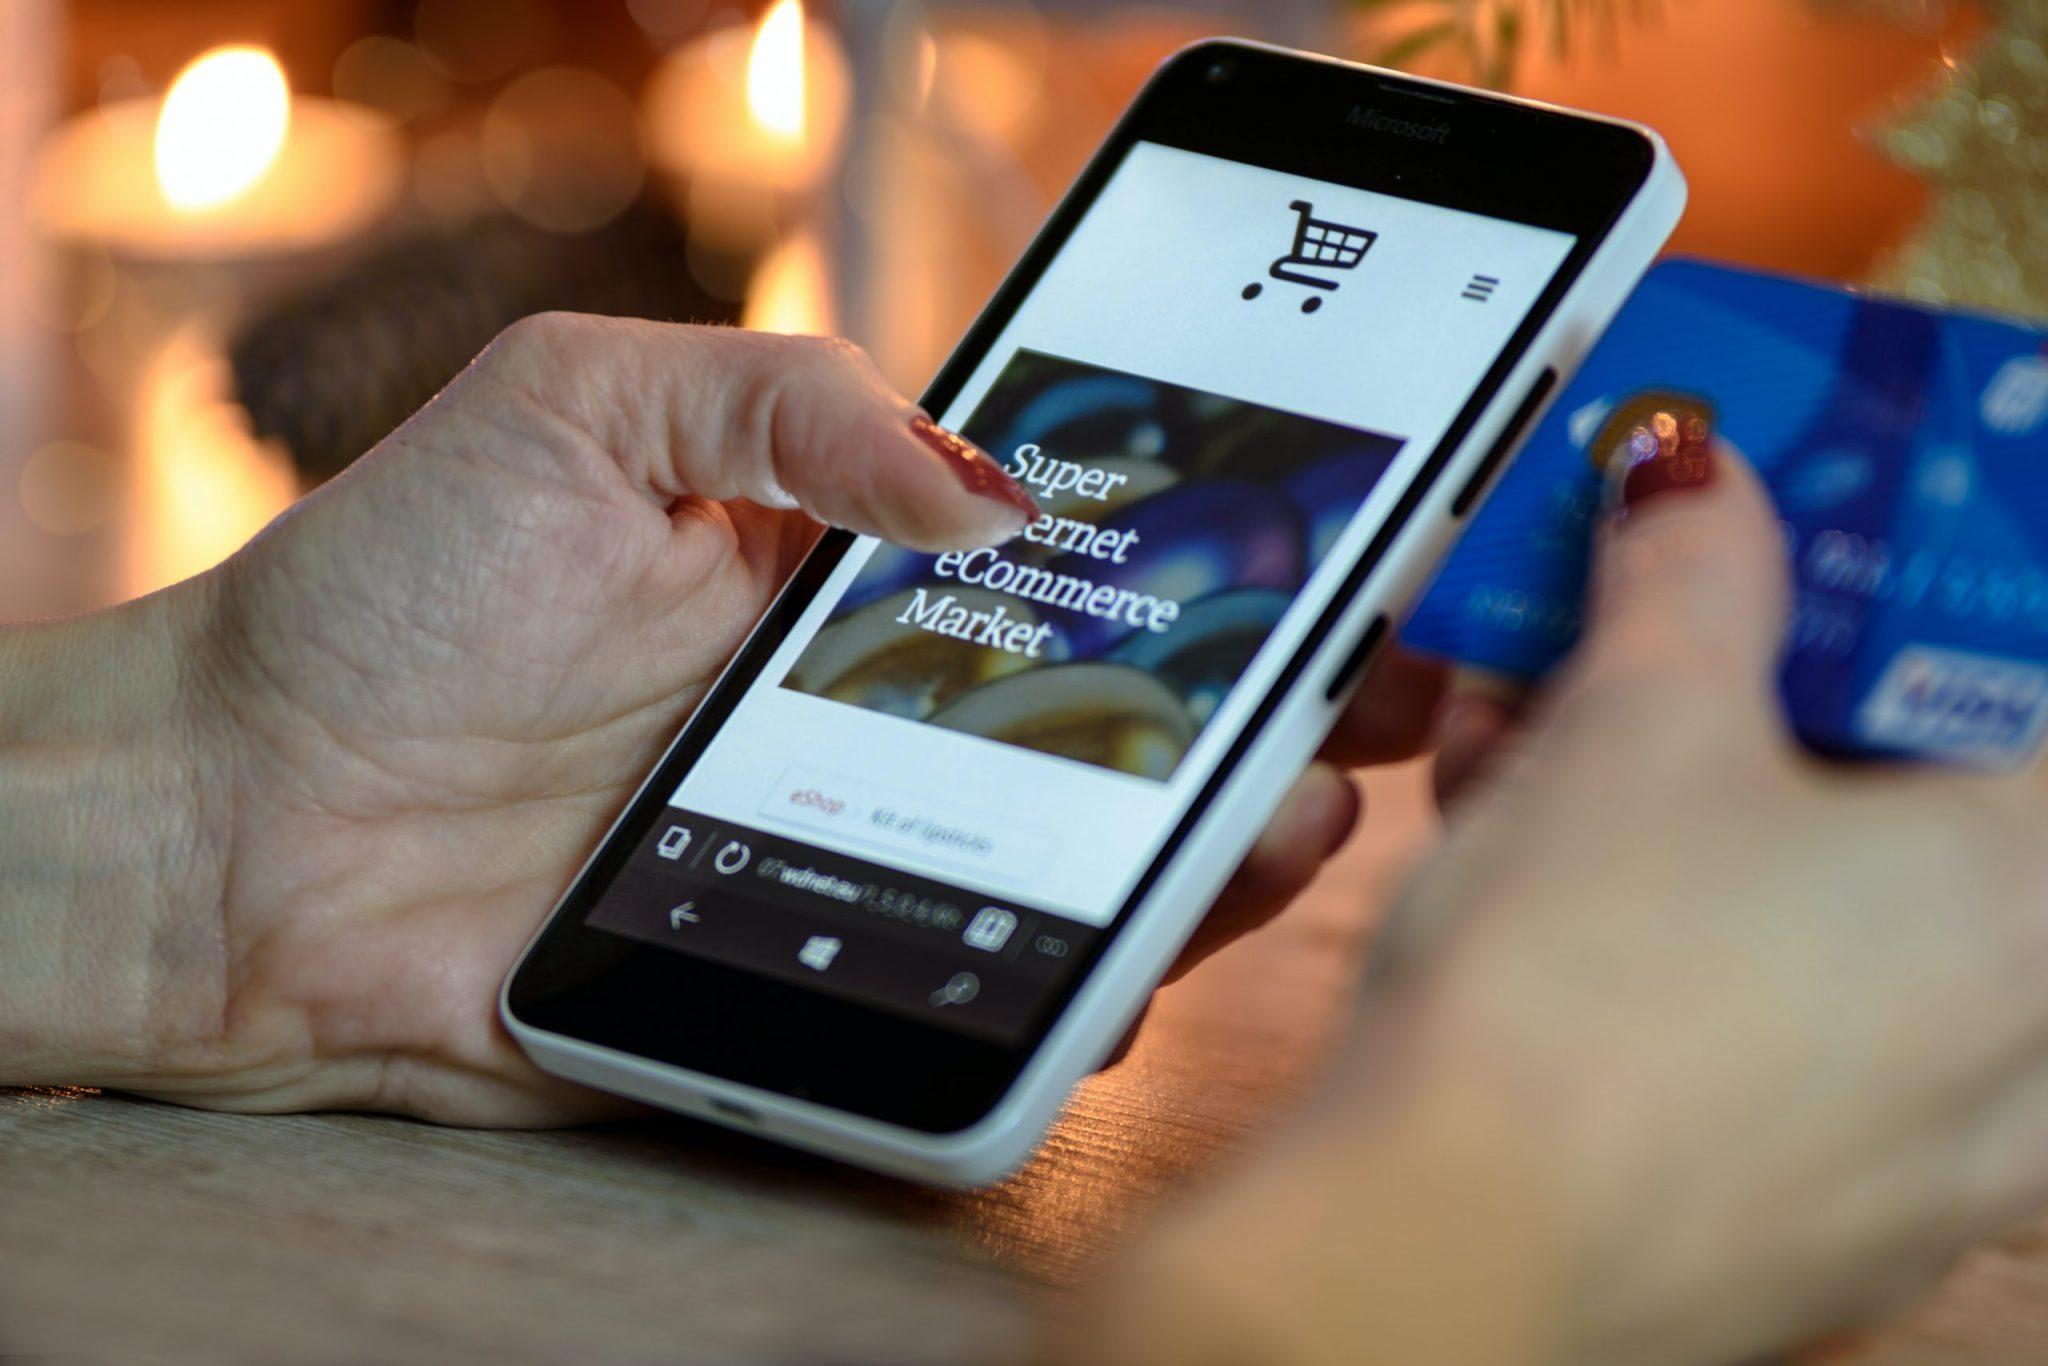 Negócios em alta: e-Commerce se destacou, com aumento de 40%.